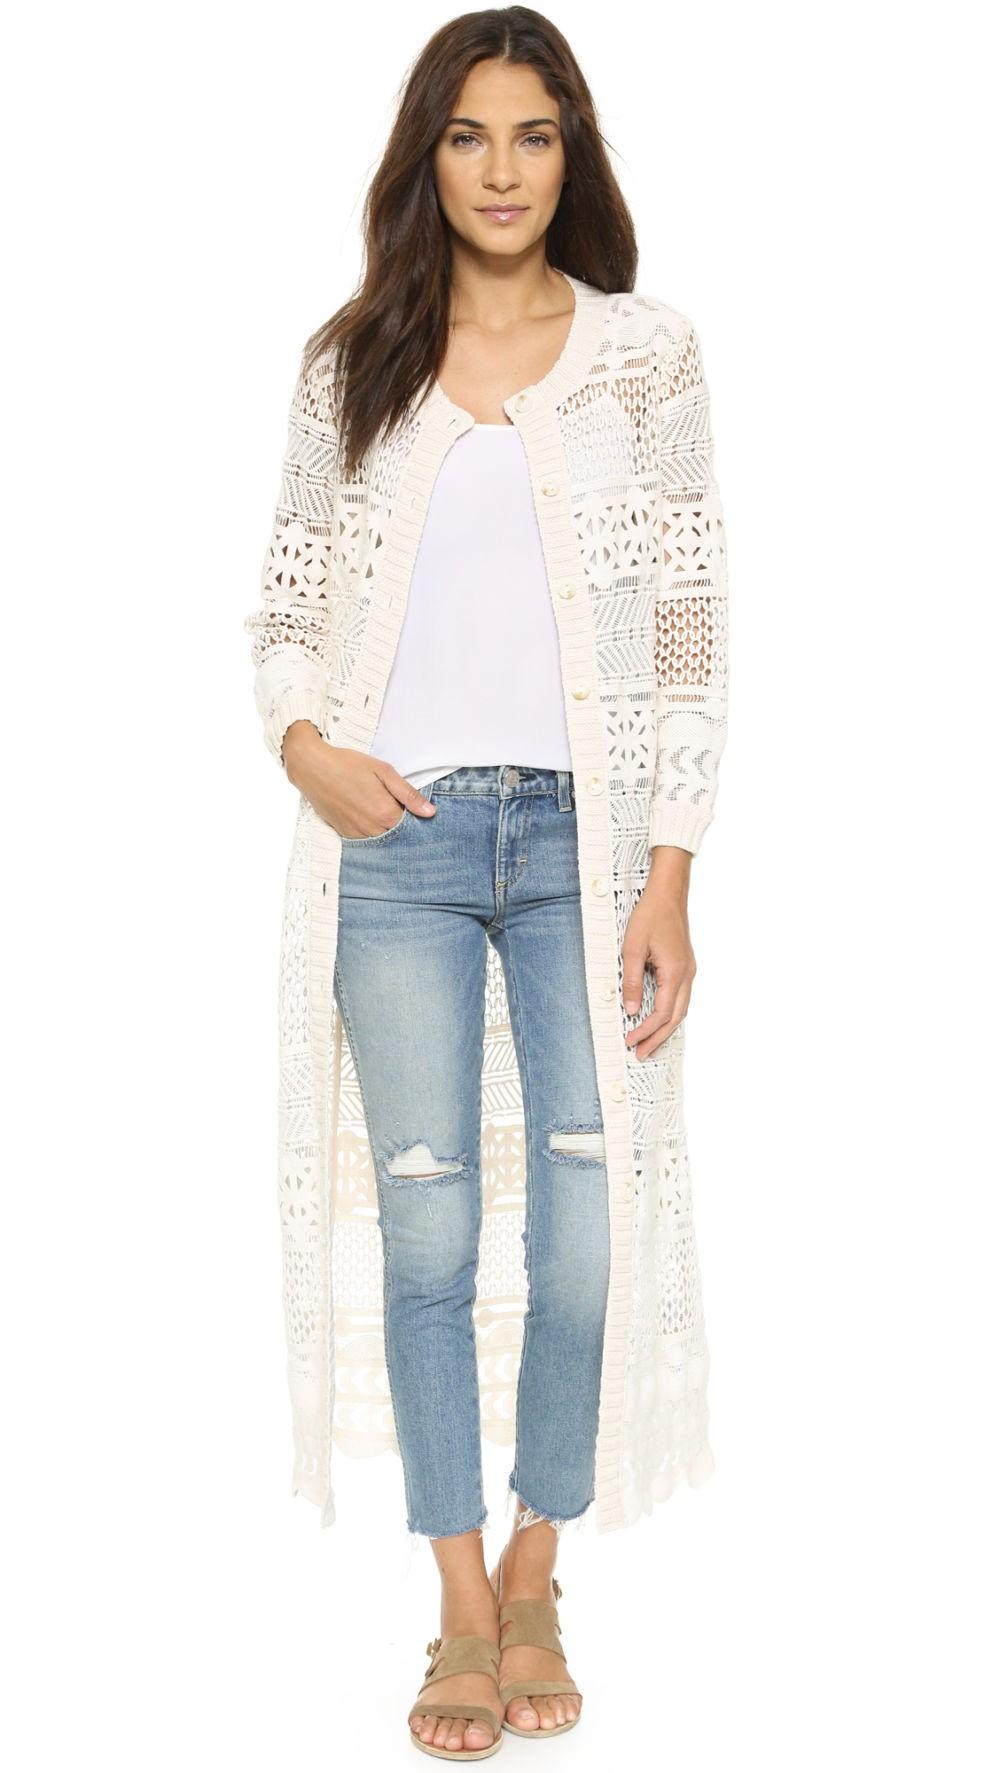 джинсы под кардиган ажурный белый длина макси